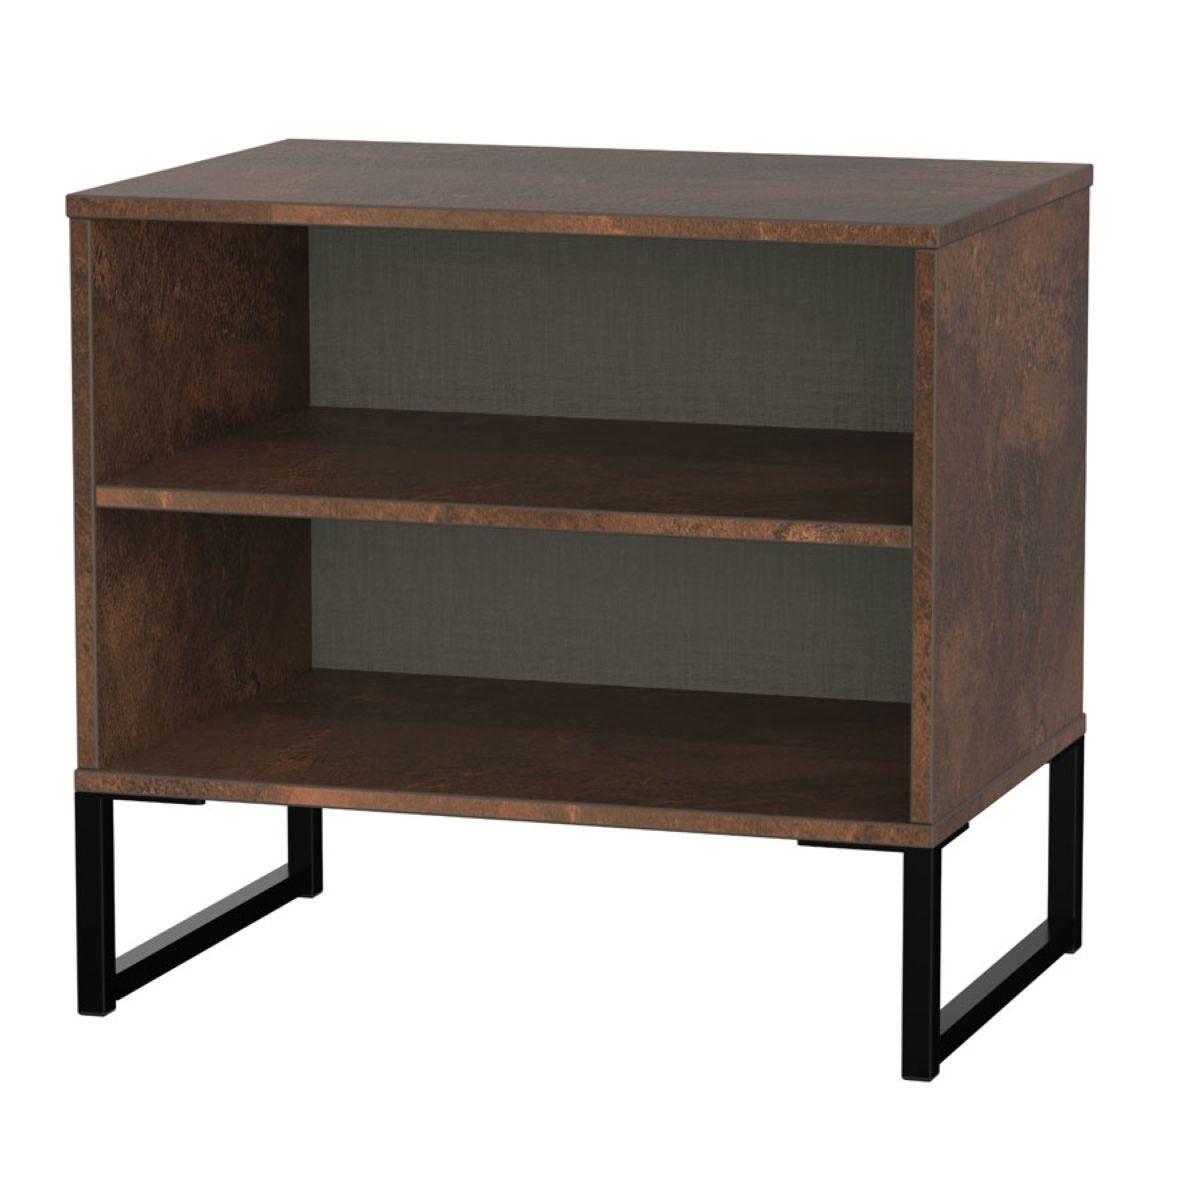 Kishara 2-Shelf Unit - Copper